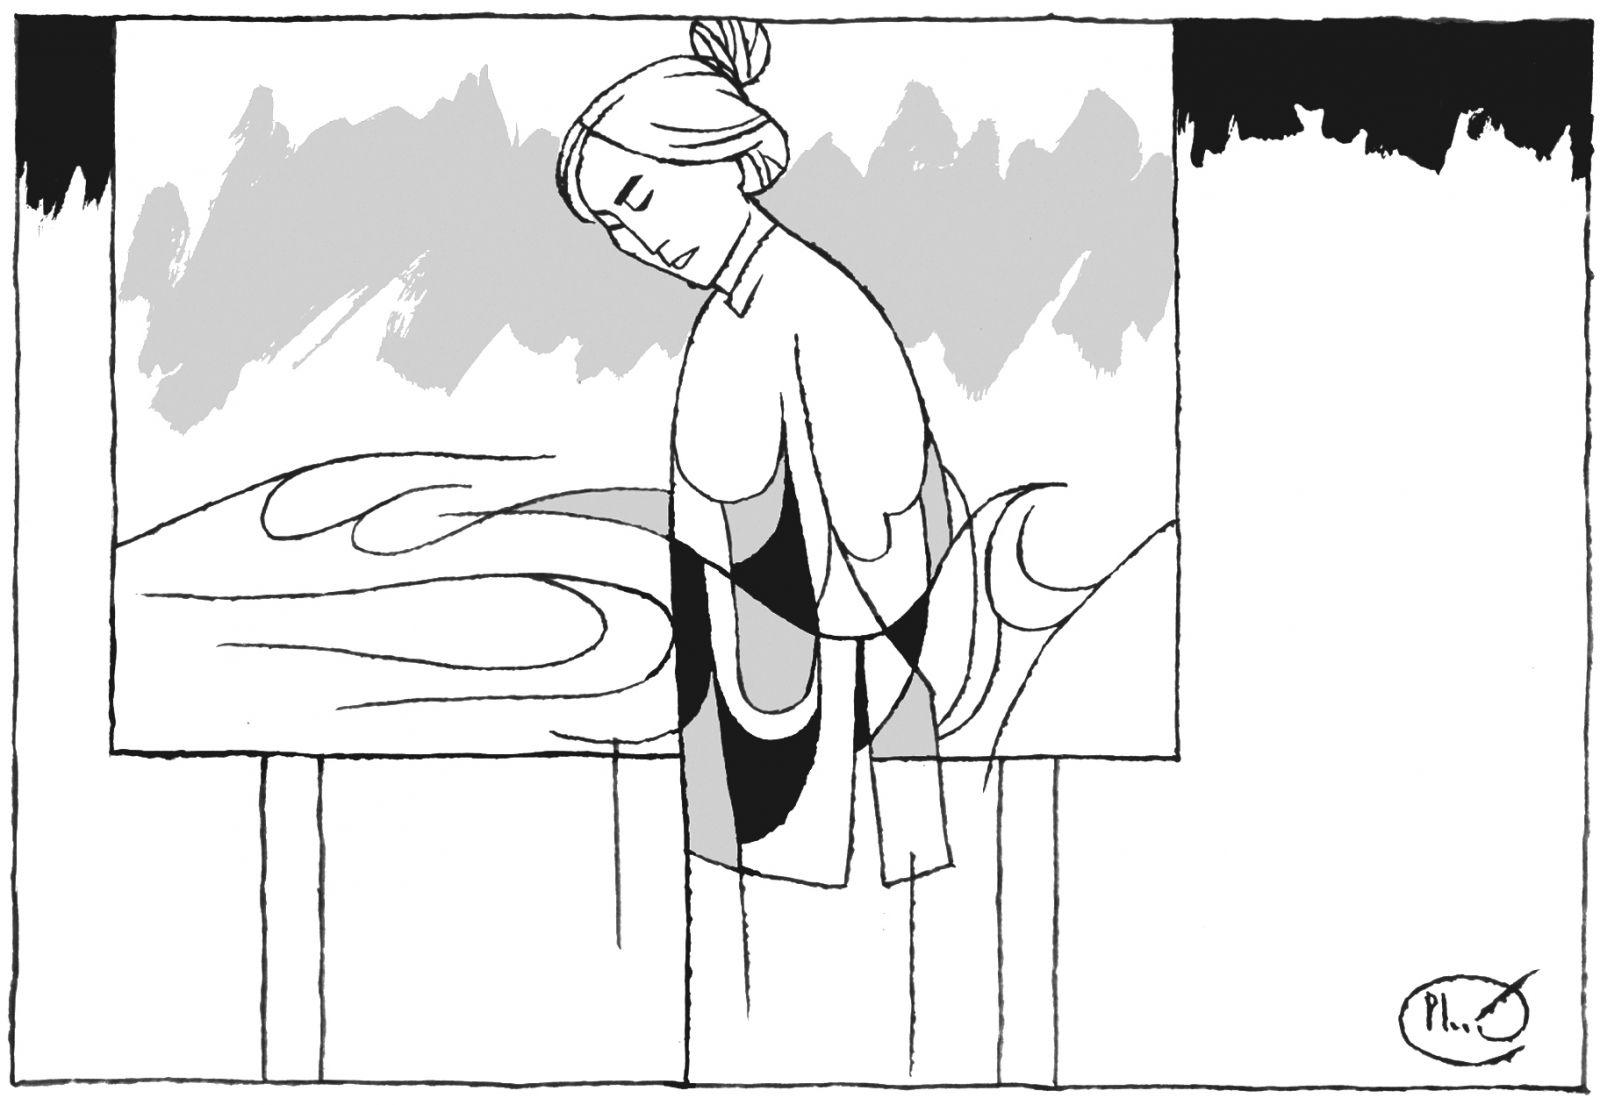 Bạc màu áo ngự - Truyện ngắn của Lê Vũ Trường Giang